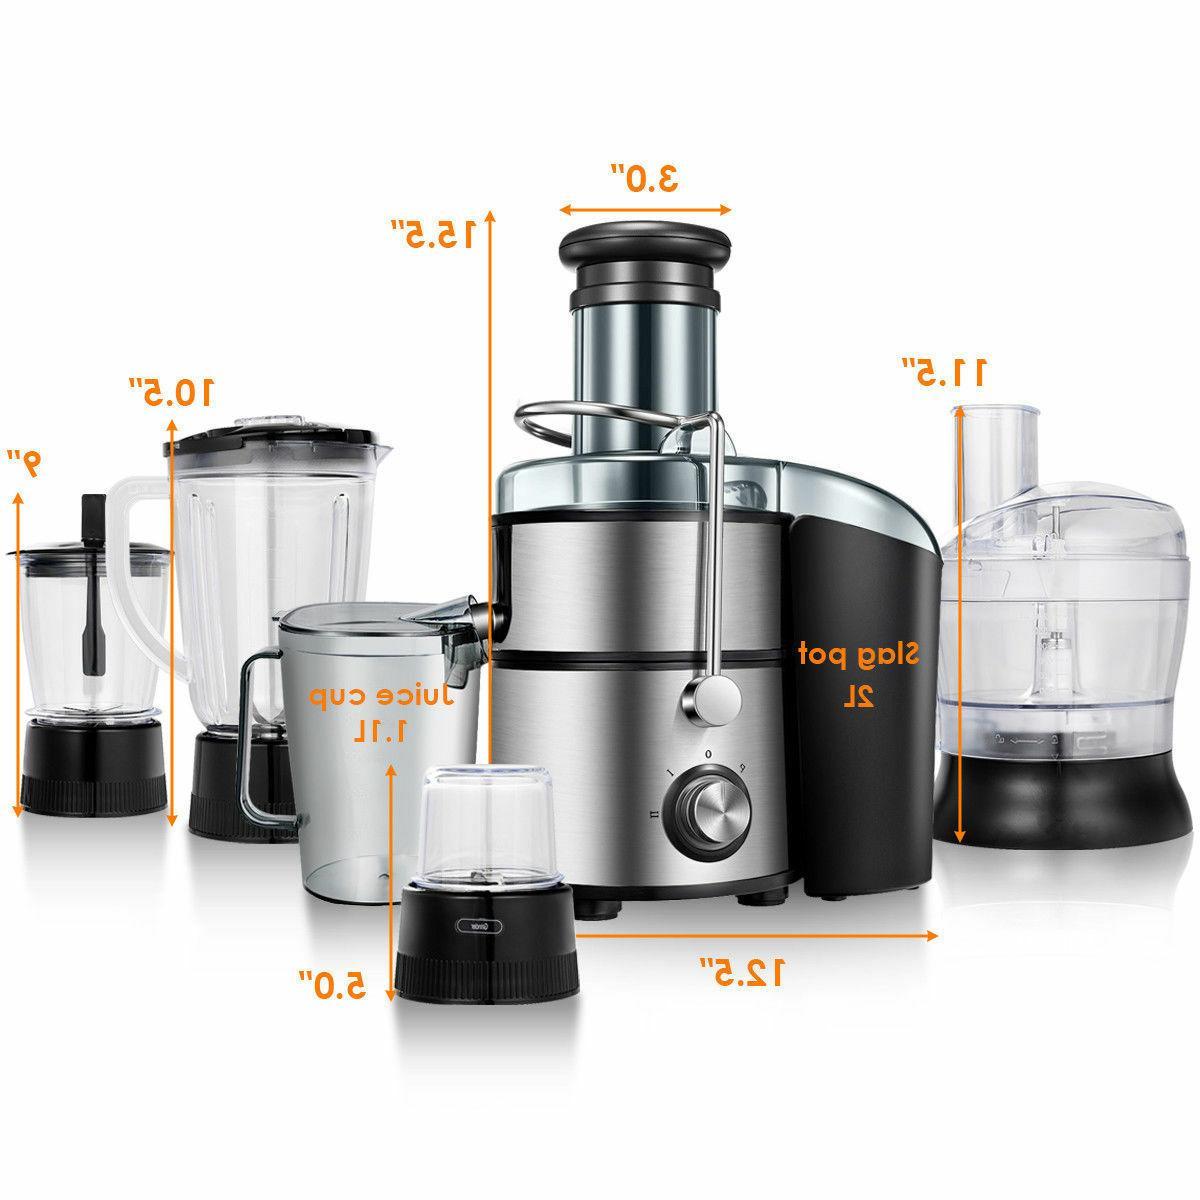 5in1 Juice Extractor Juicer Food Processor